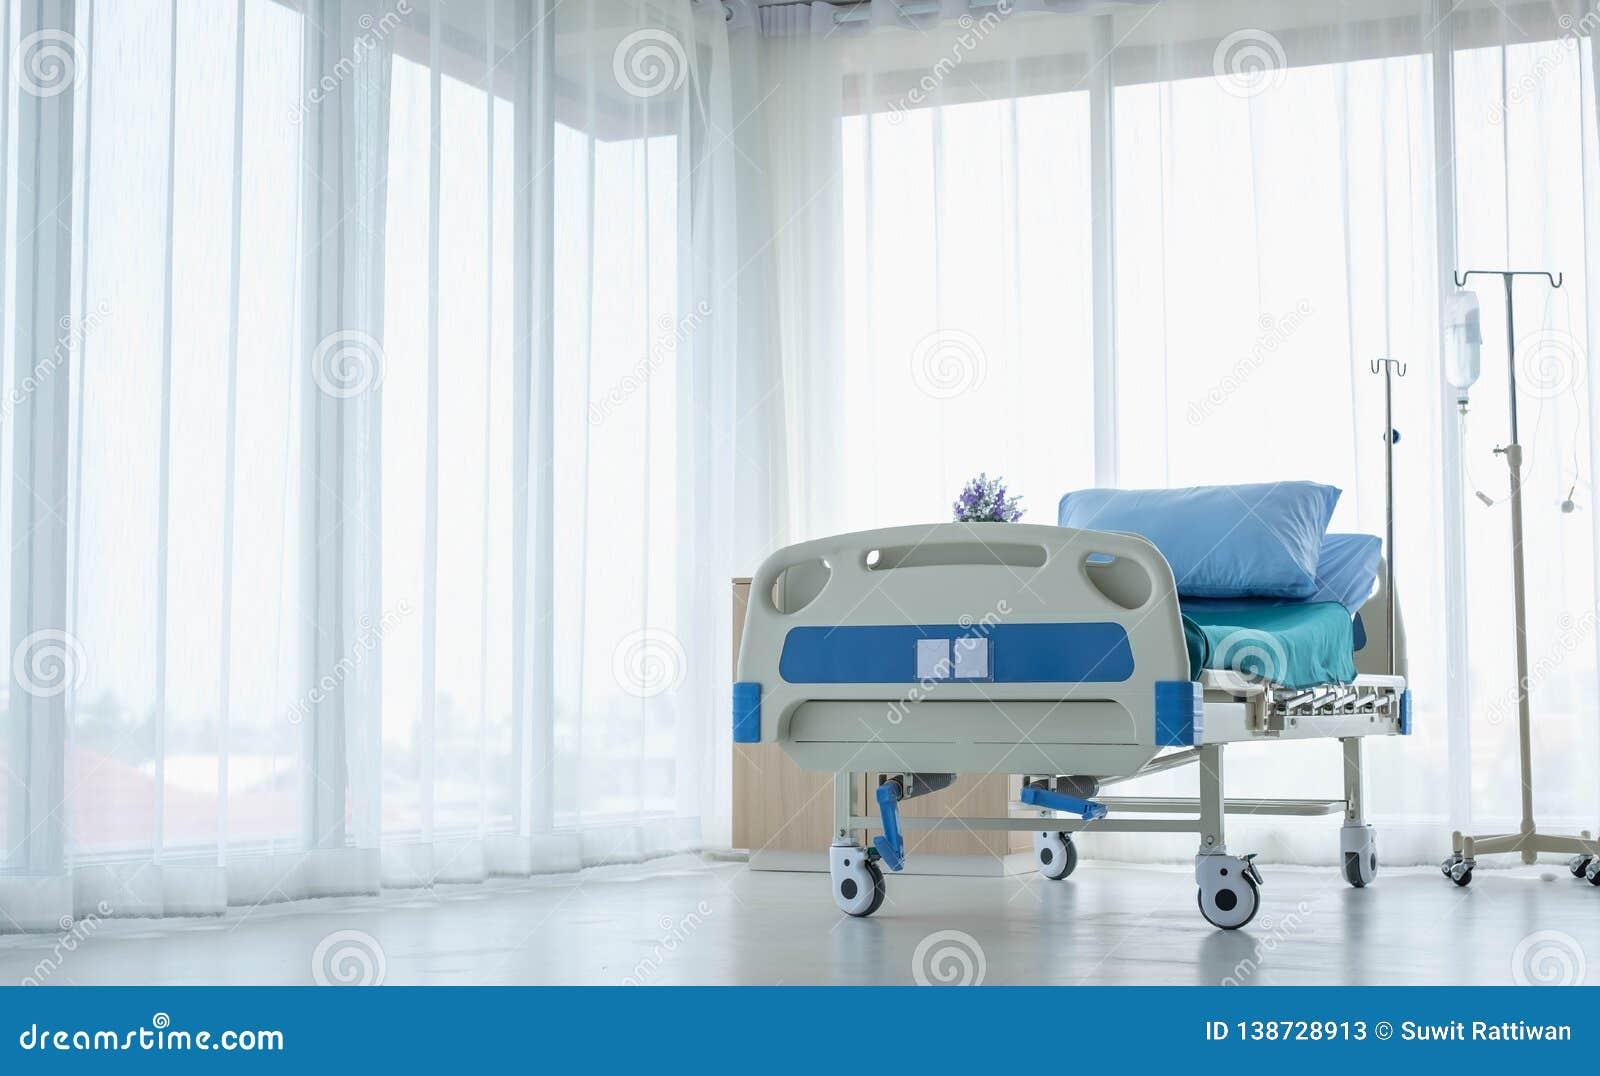 Sauberes und vollausgebautes Krankenhauszimmer